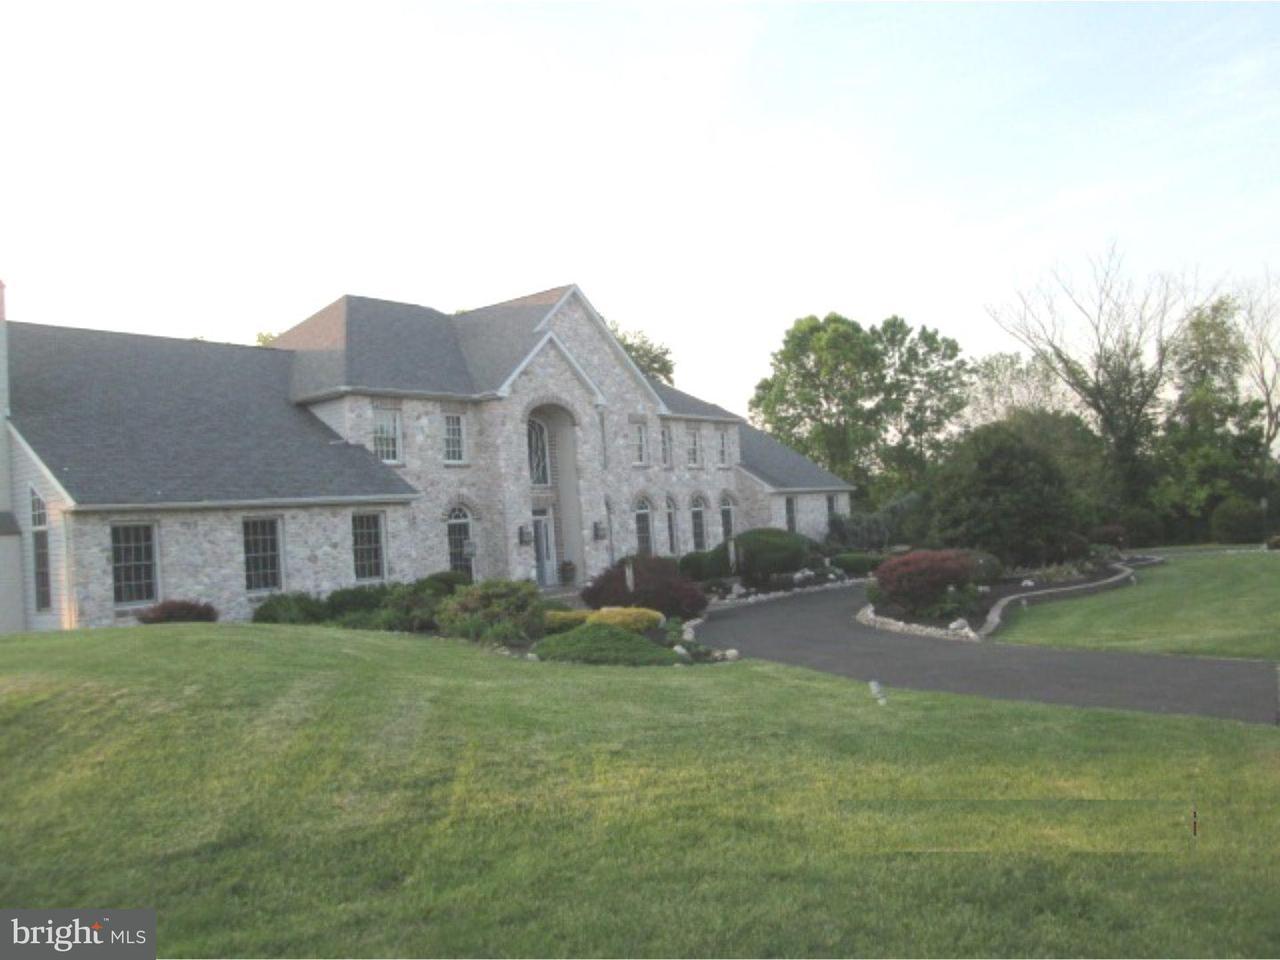 Частный односемейный дом для того Продажа на 62 HILL Road Warminster, Пенсильвания 18974 Соединенные Штаты